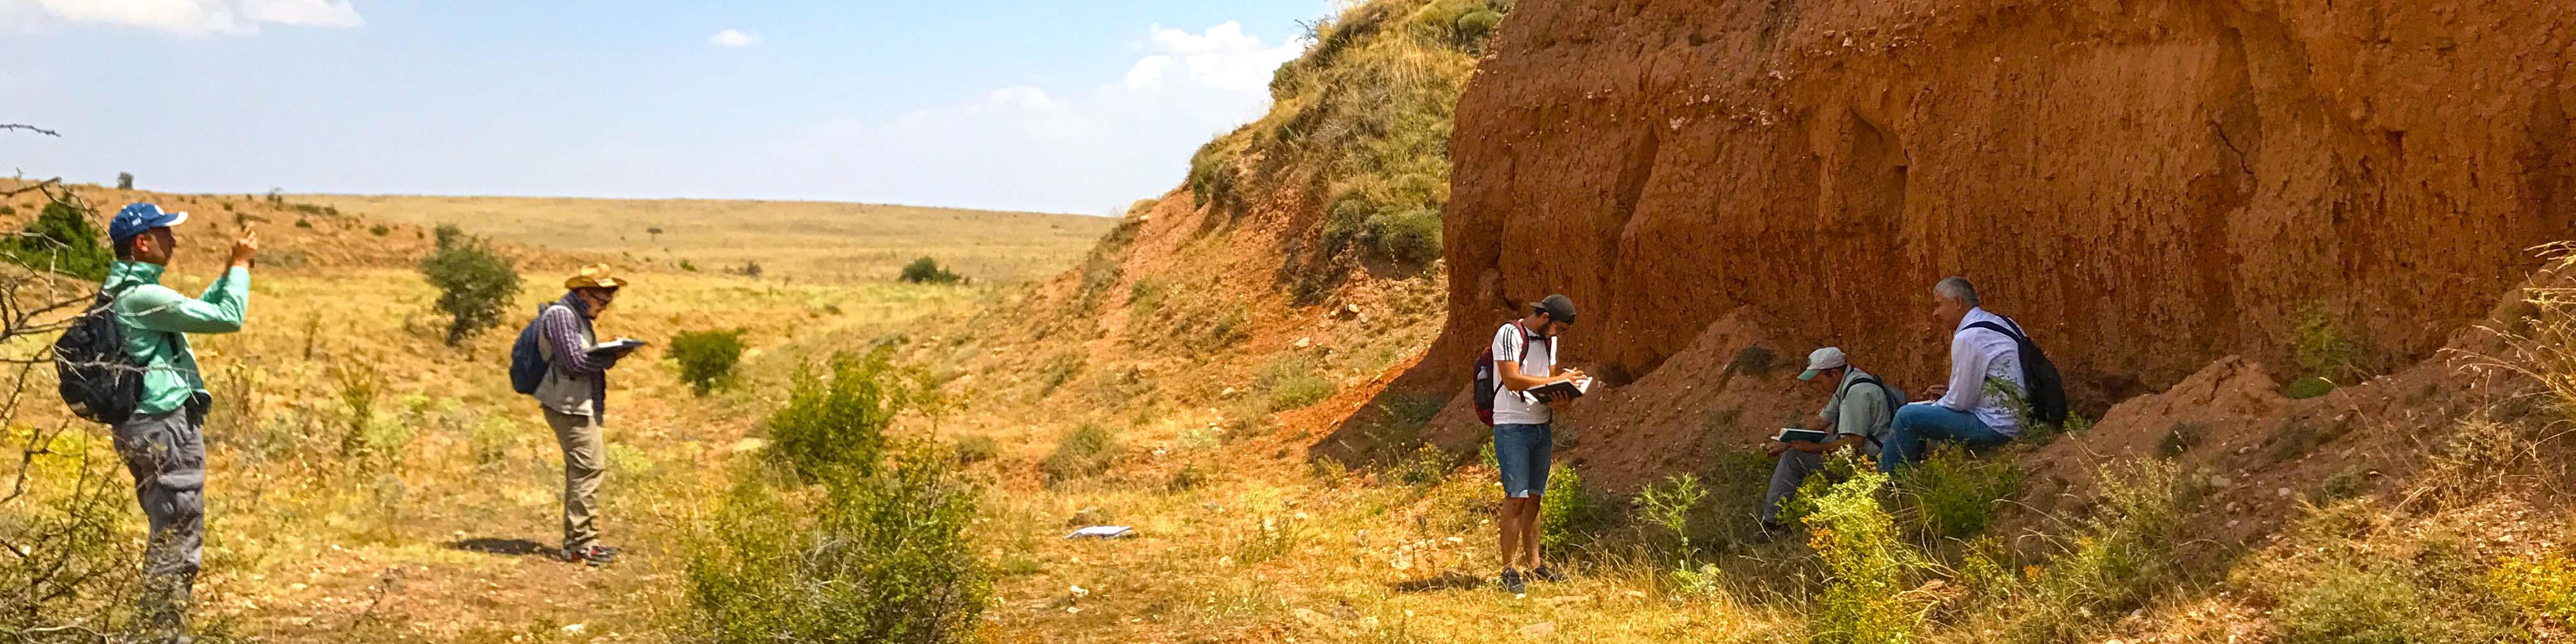 2017 Yılı Jeolojik Harita Alma Stajı Gerçekleştirildi